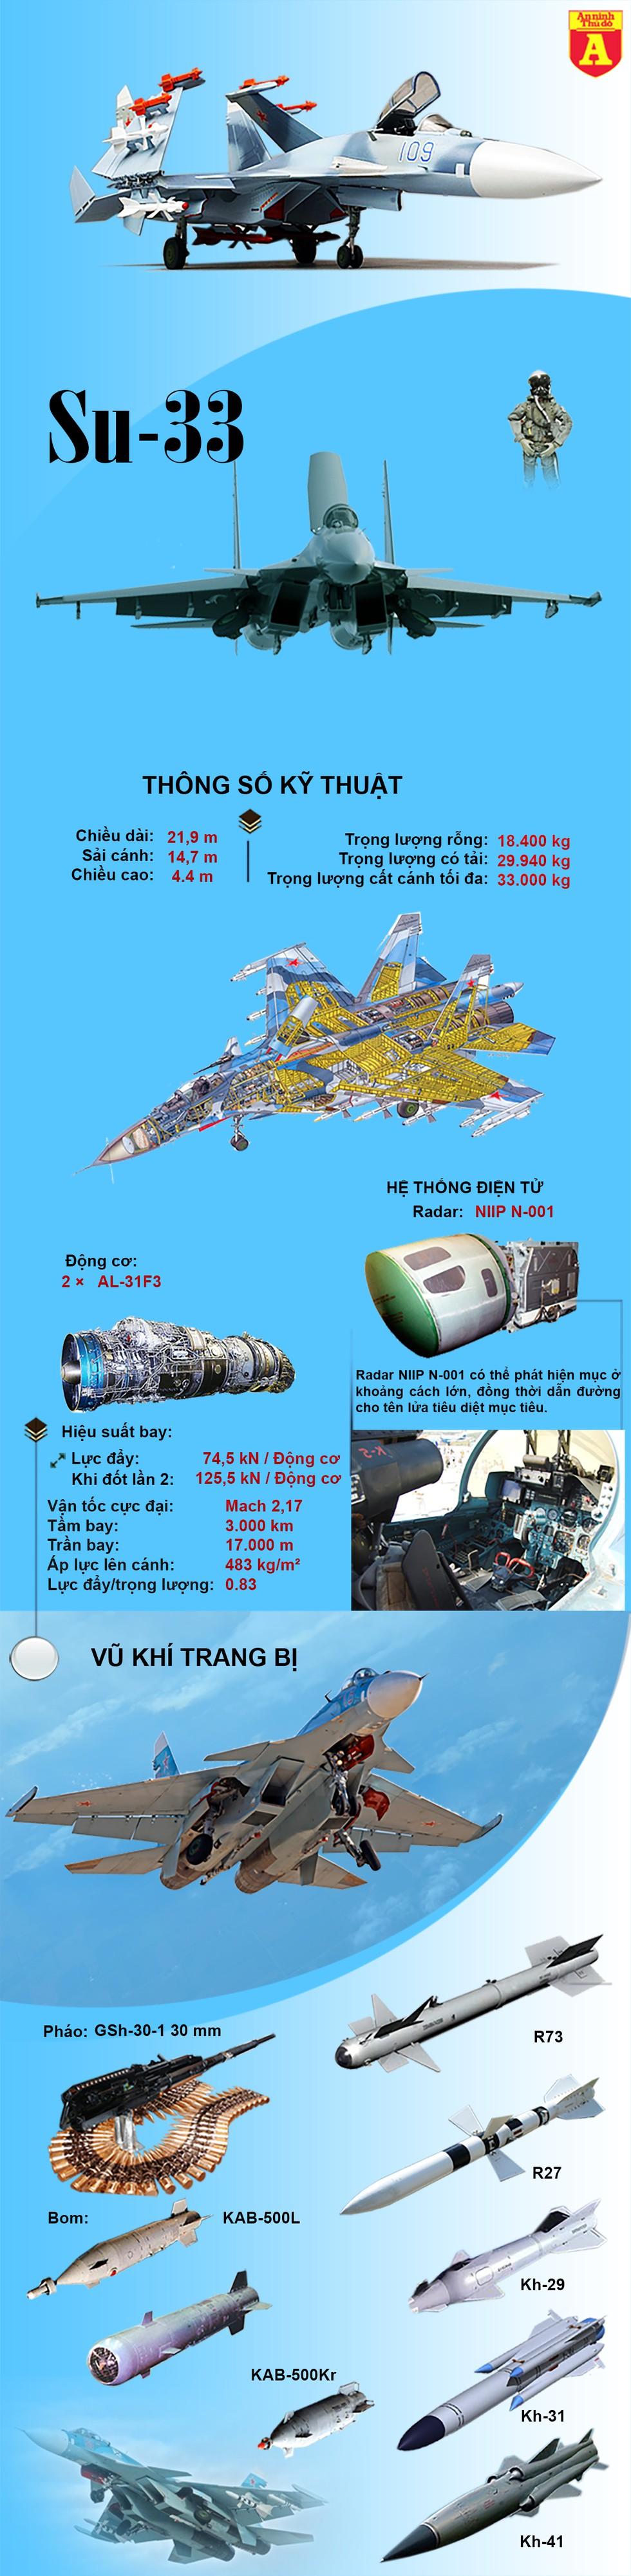 [Infographics] Tiêm kích hạm Nga chỉ mang được số vũ khí bằng phân nửa so với Mỹ - Ảnh 1